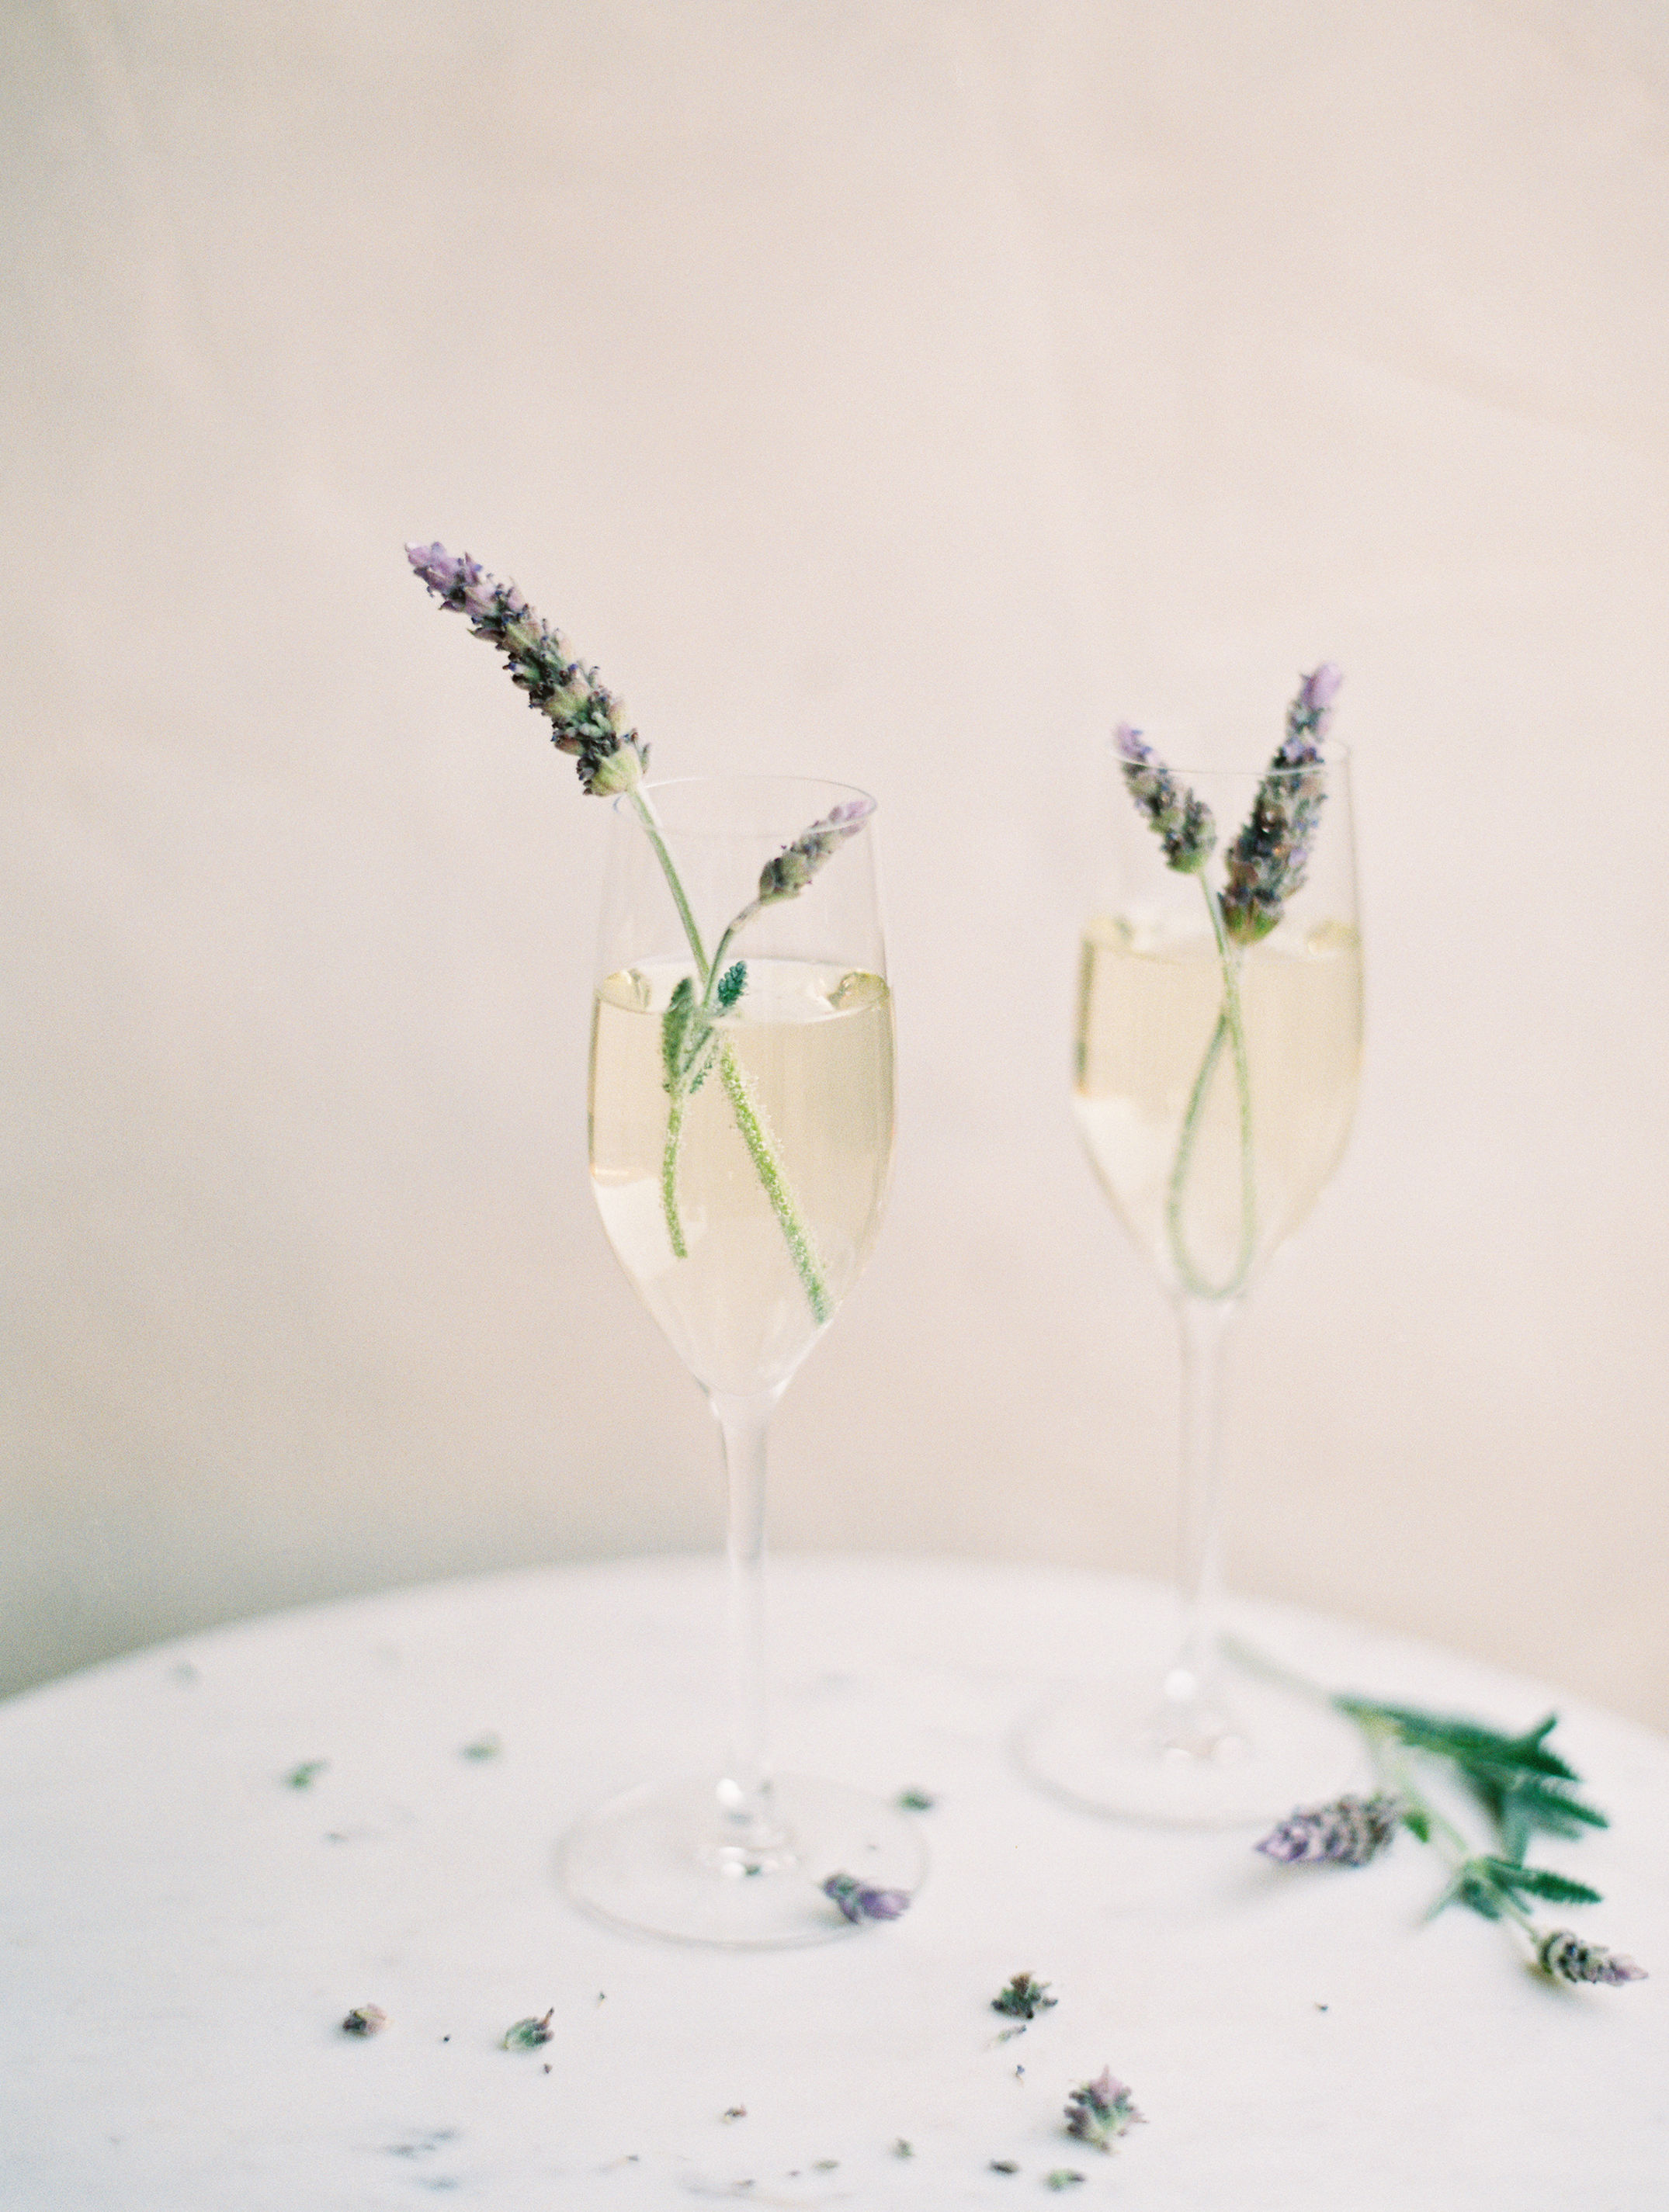 wedding cocktails with garnish